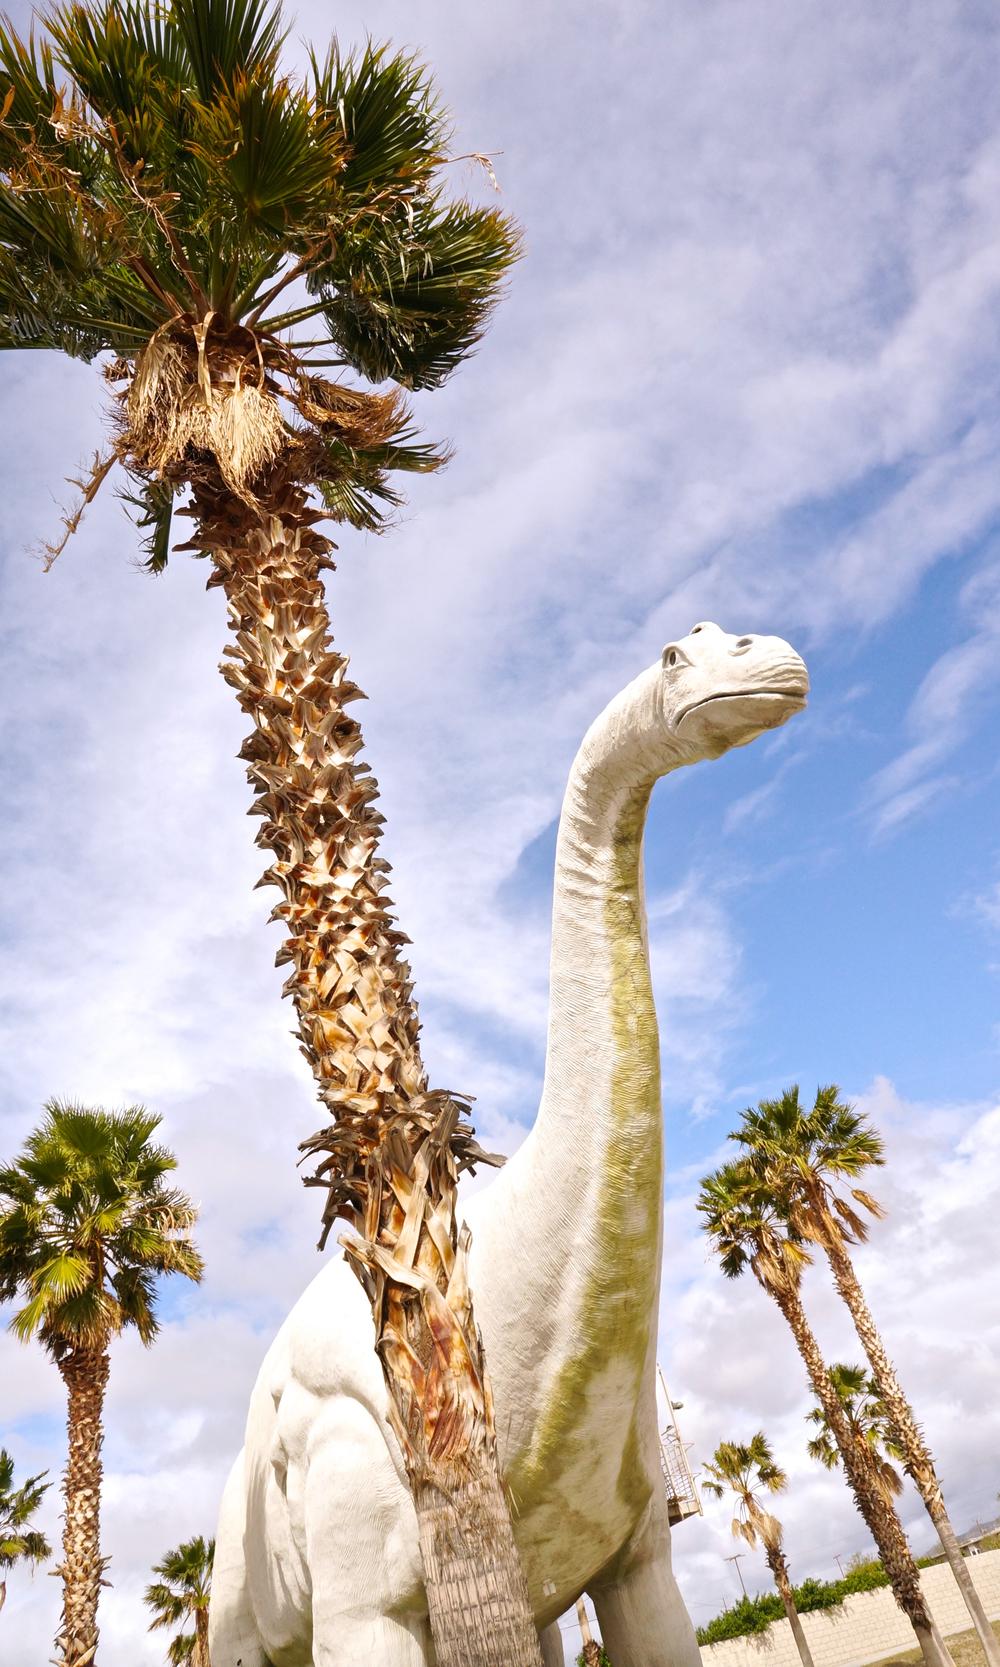 cabazon-dinosaurs-brontosaurus.jpg